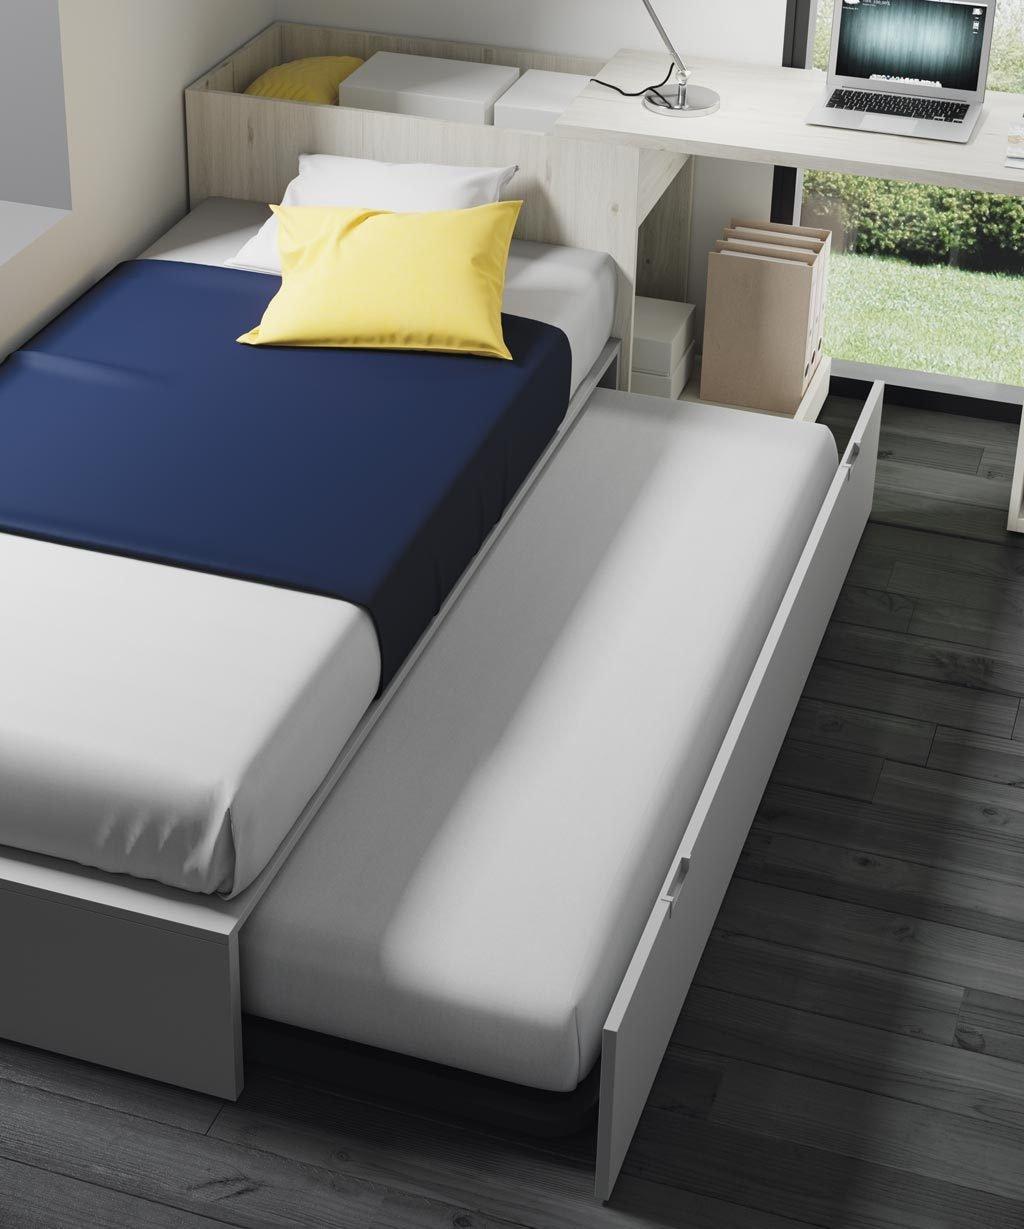 Esta cama nido dispone de una cama de arrastre inferior para cuando necesitas que duerman dos en la habitación